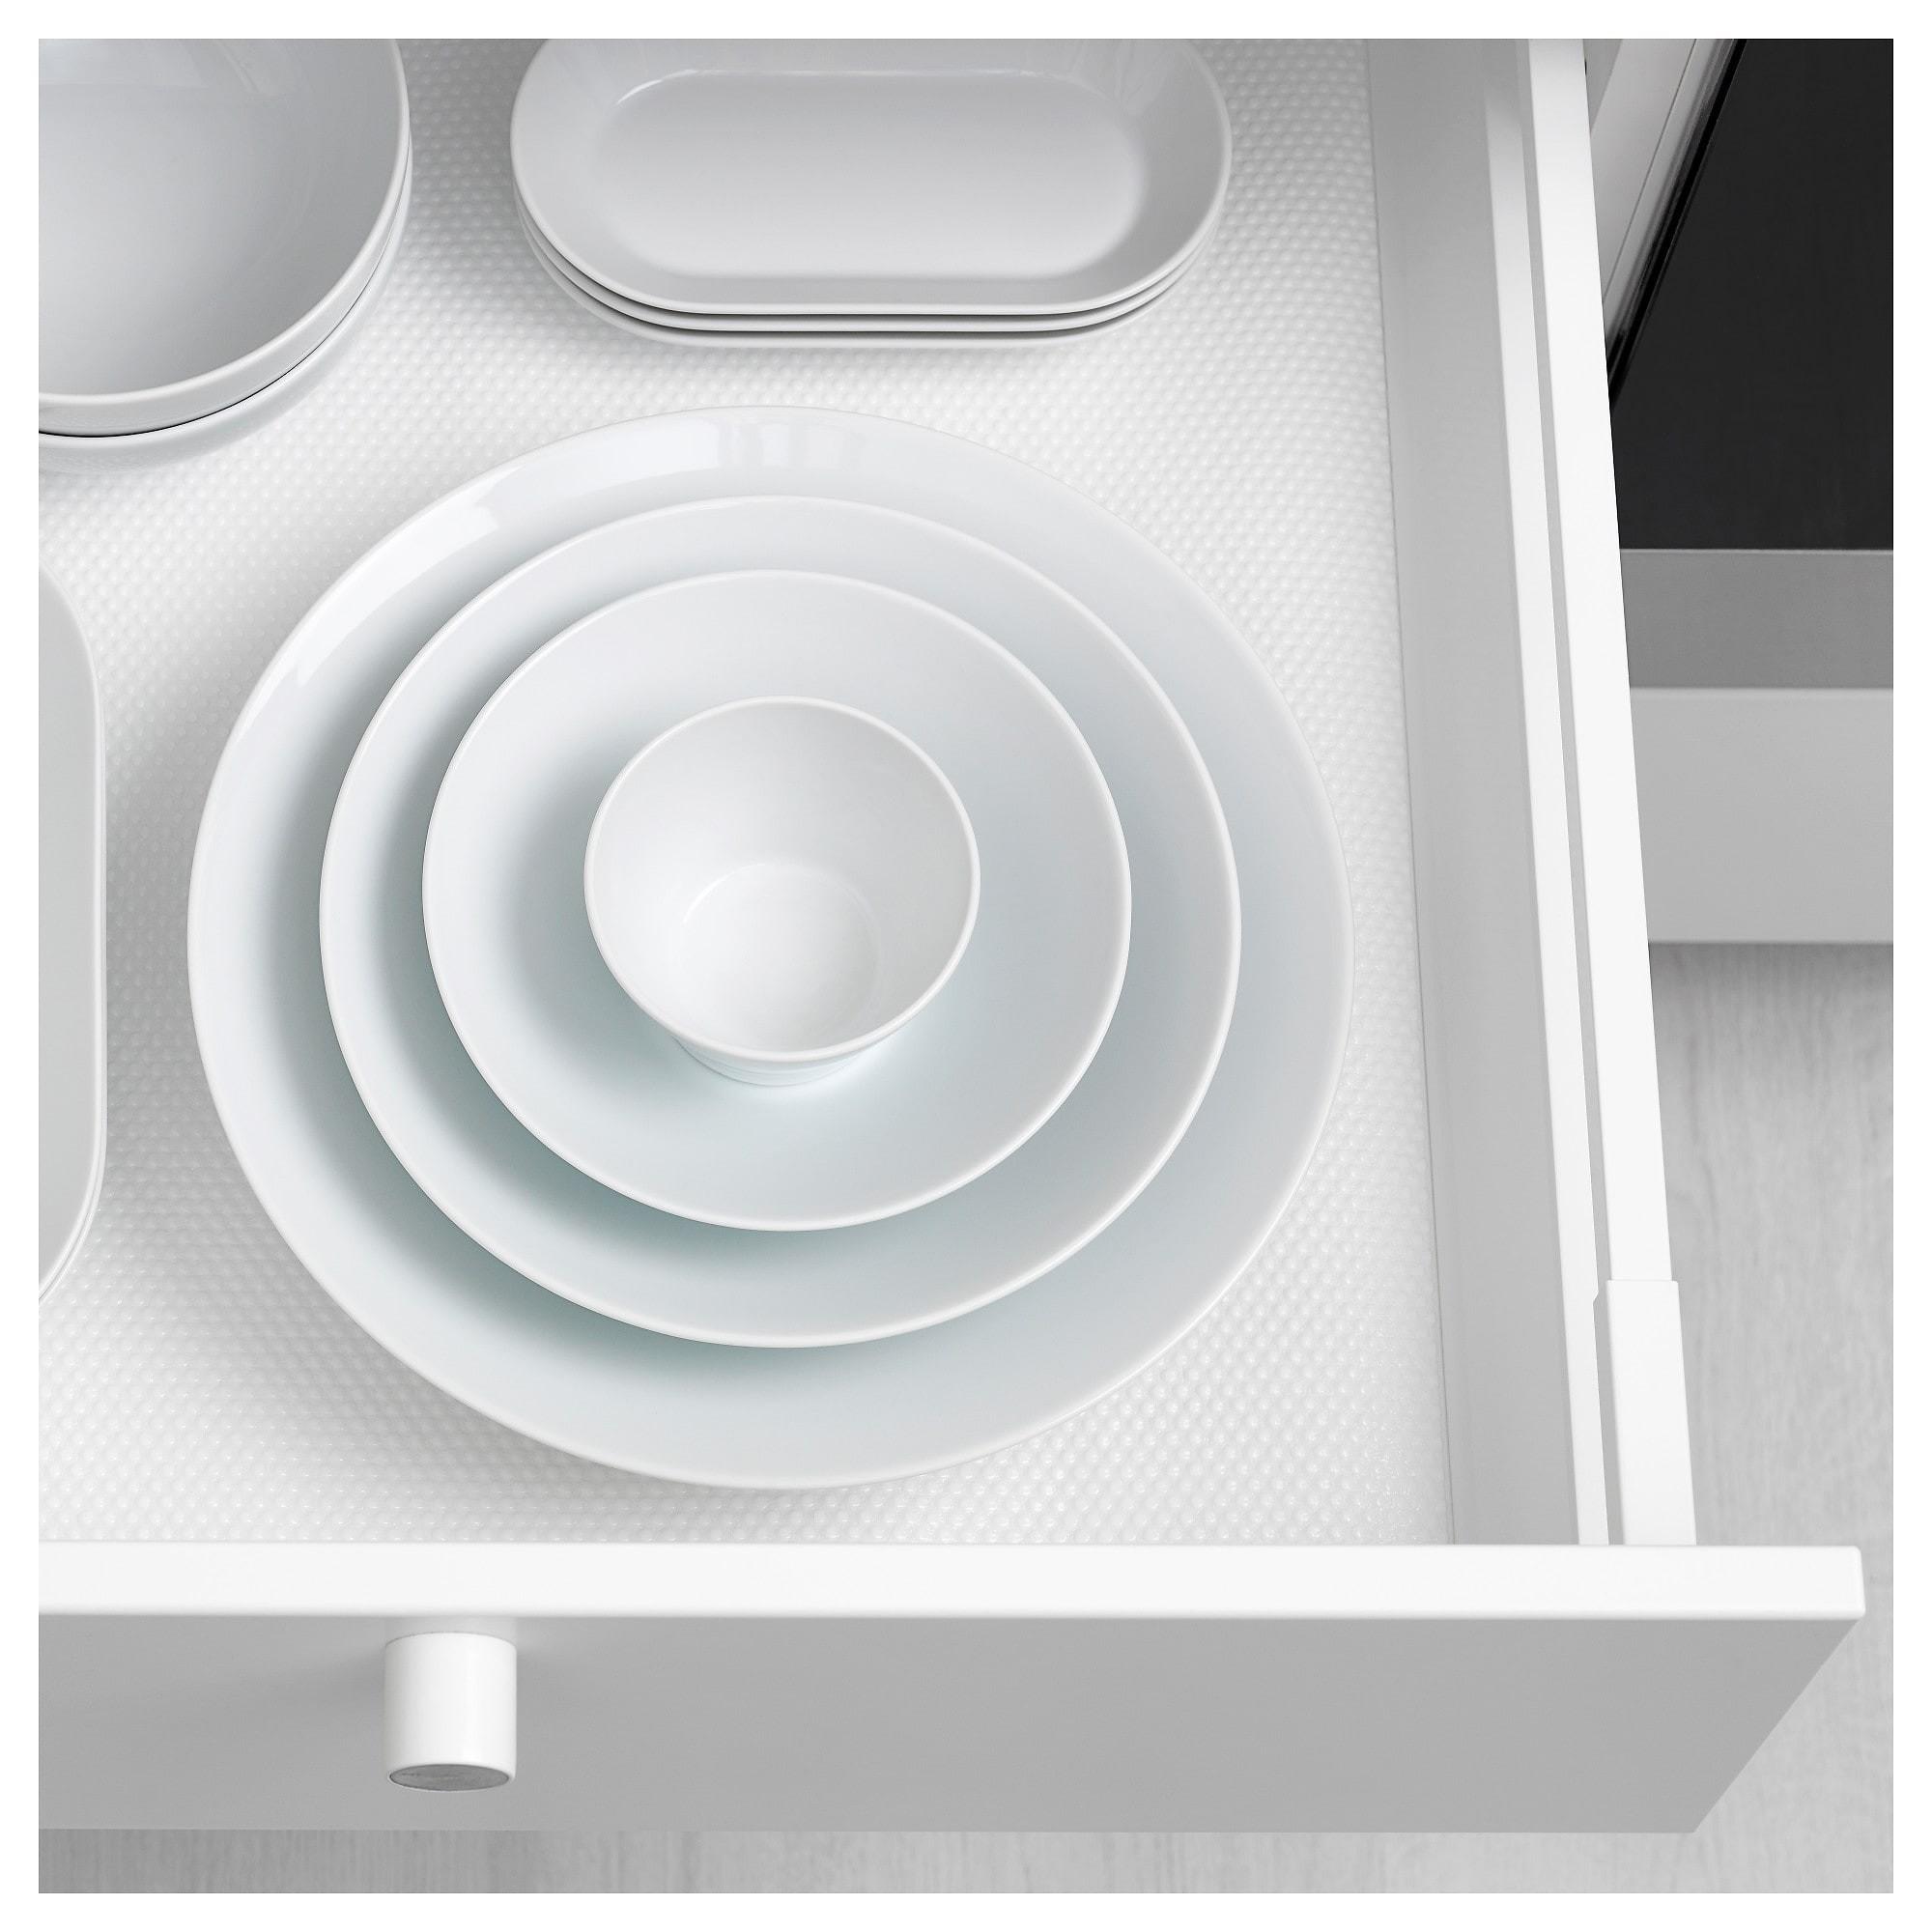 ИКЕА/365+ Миска с прямыми стенками белый,17 см